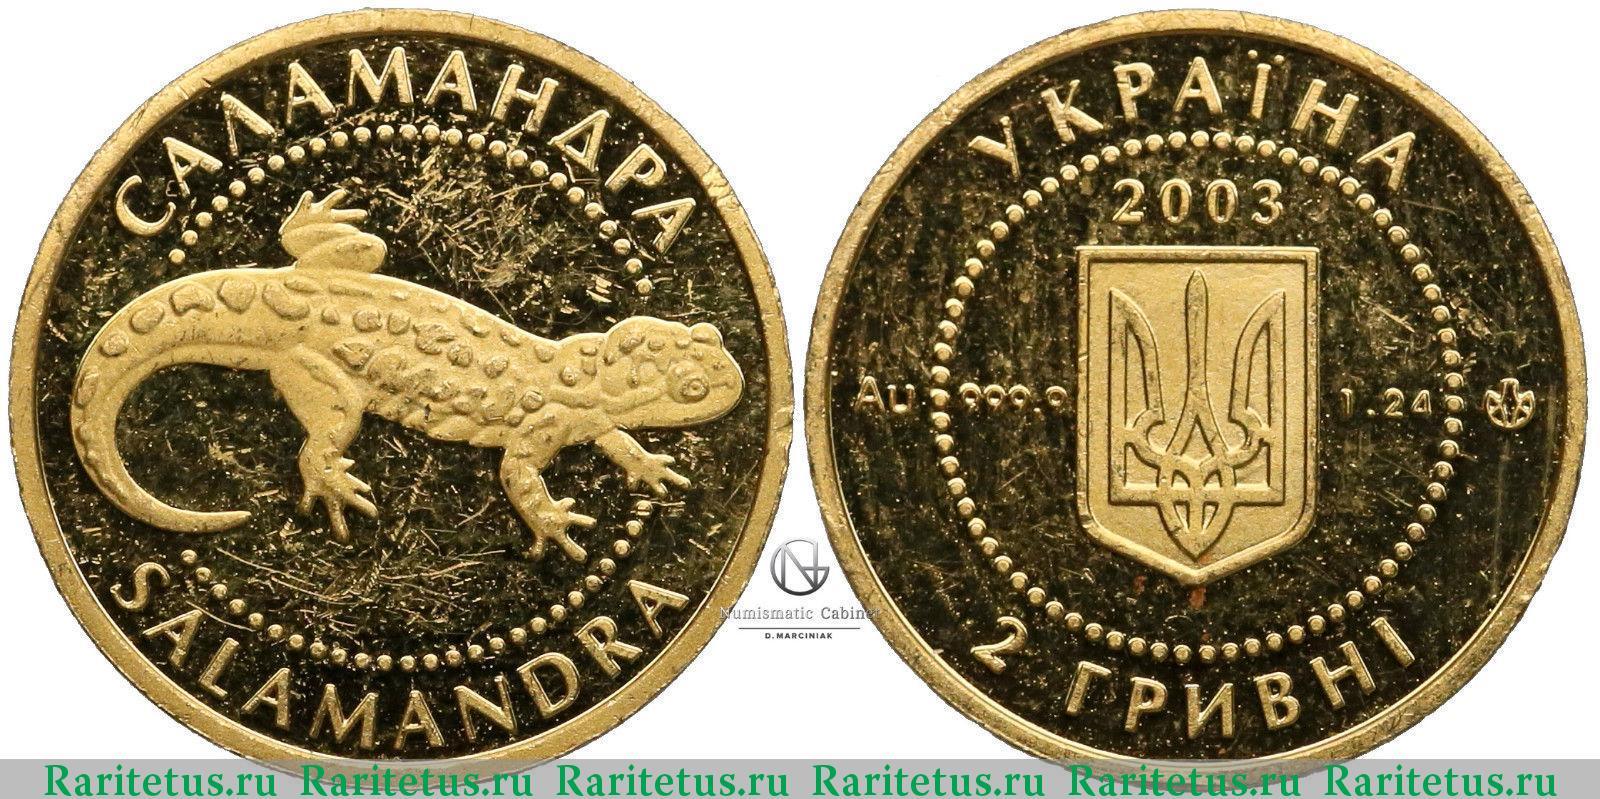 Саламандра серия: самая малая золотая монета монеты россии таганский ценник